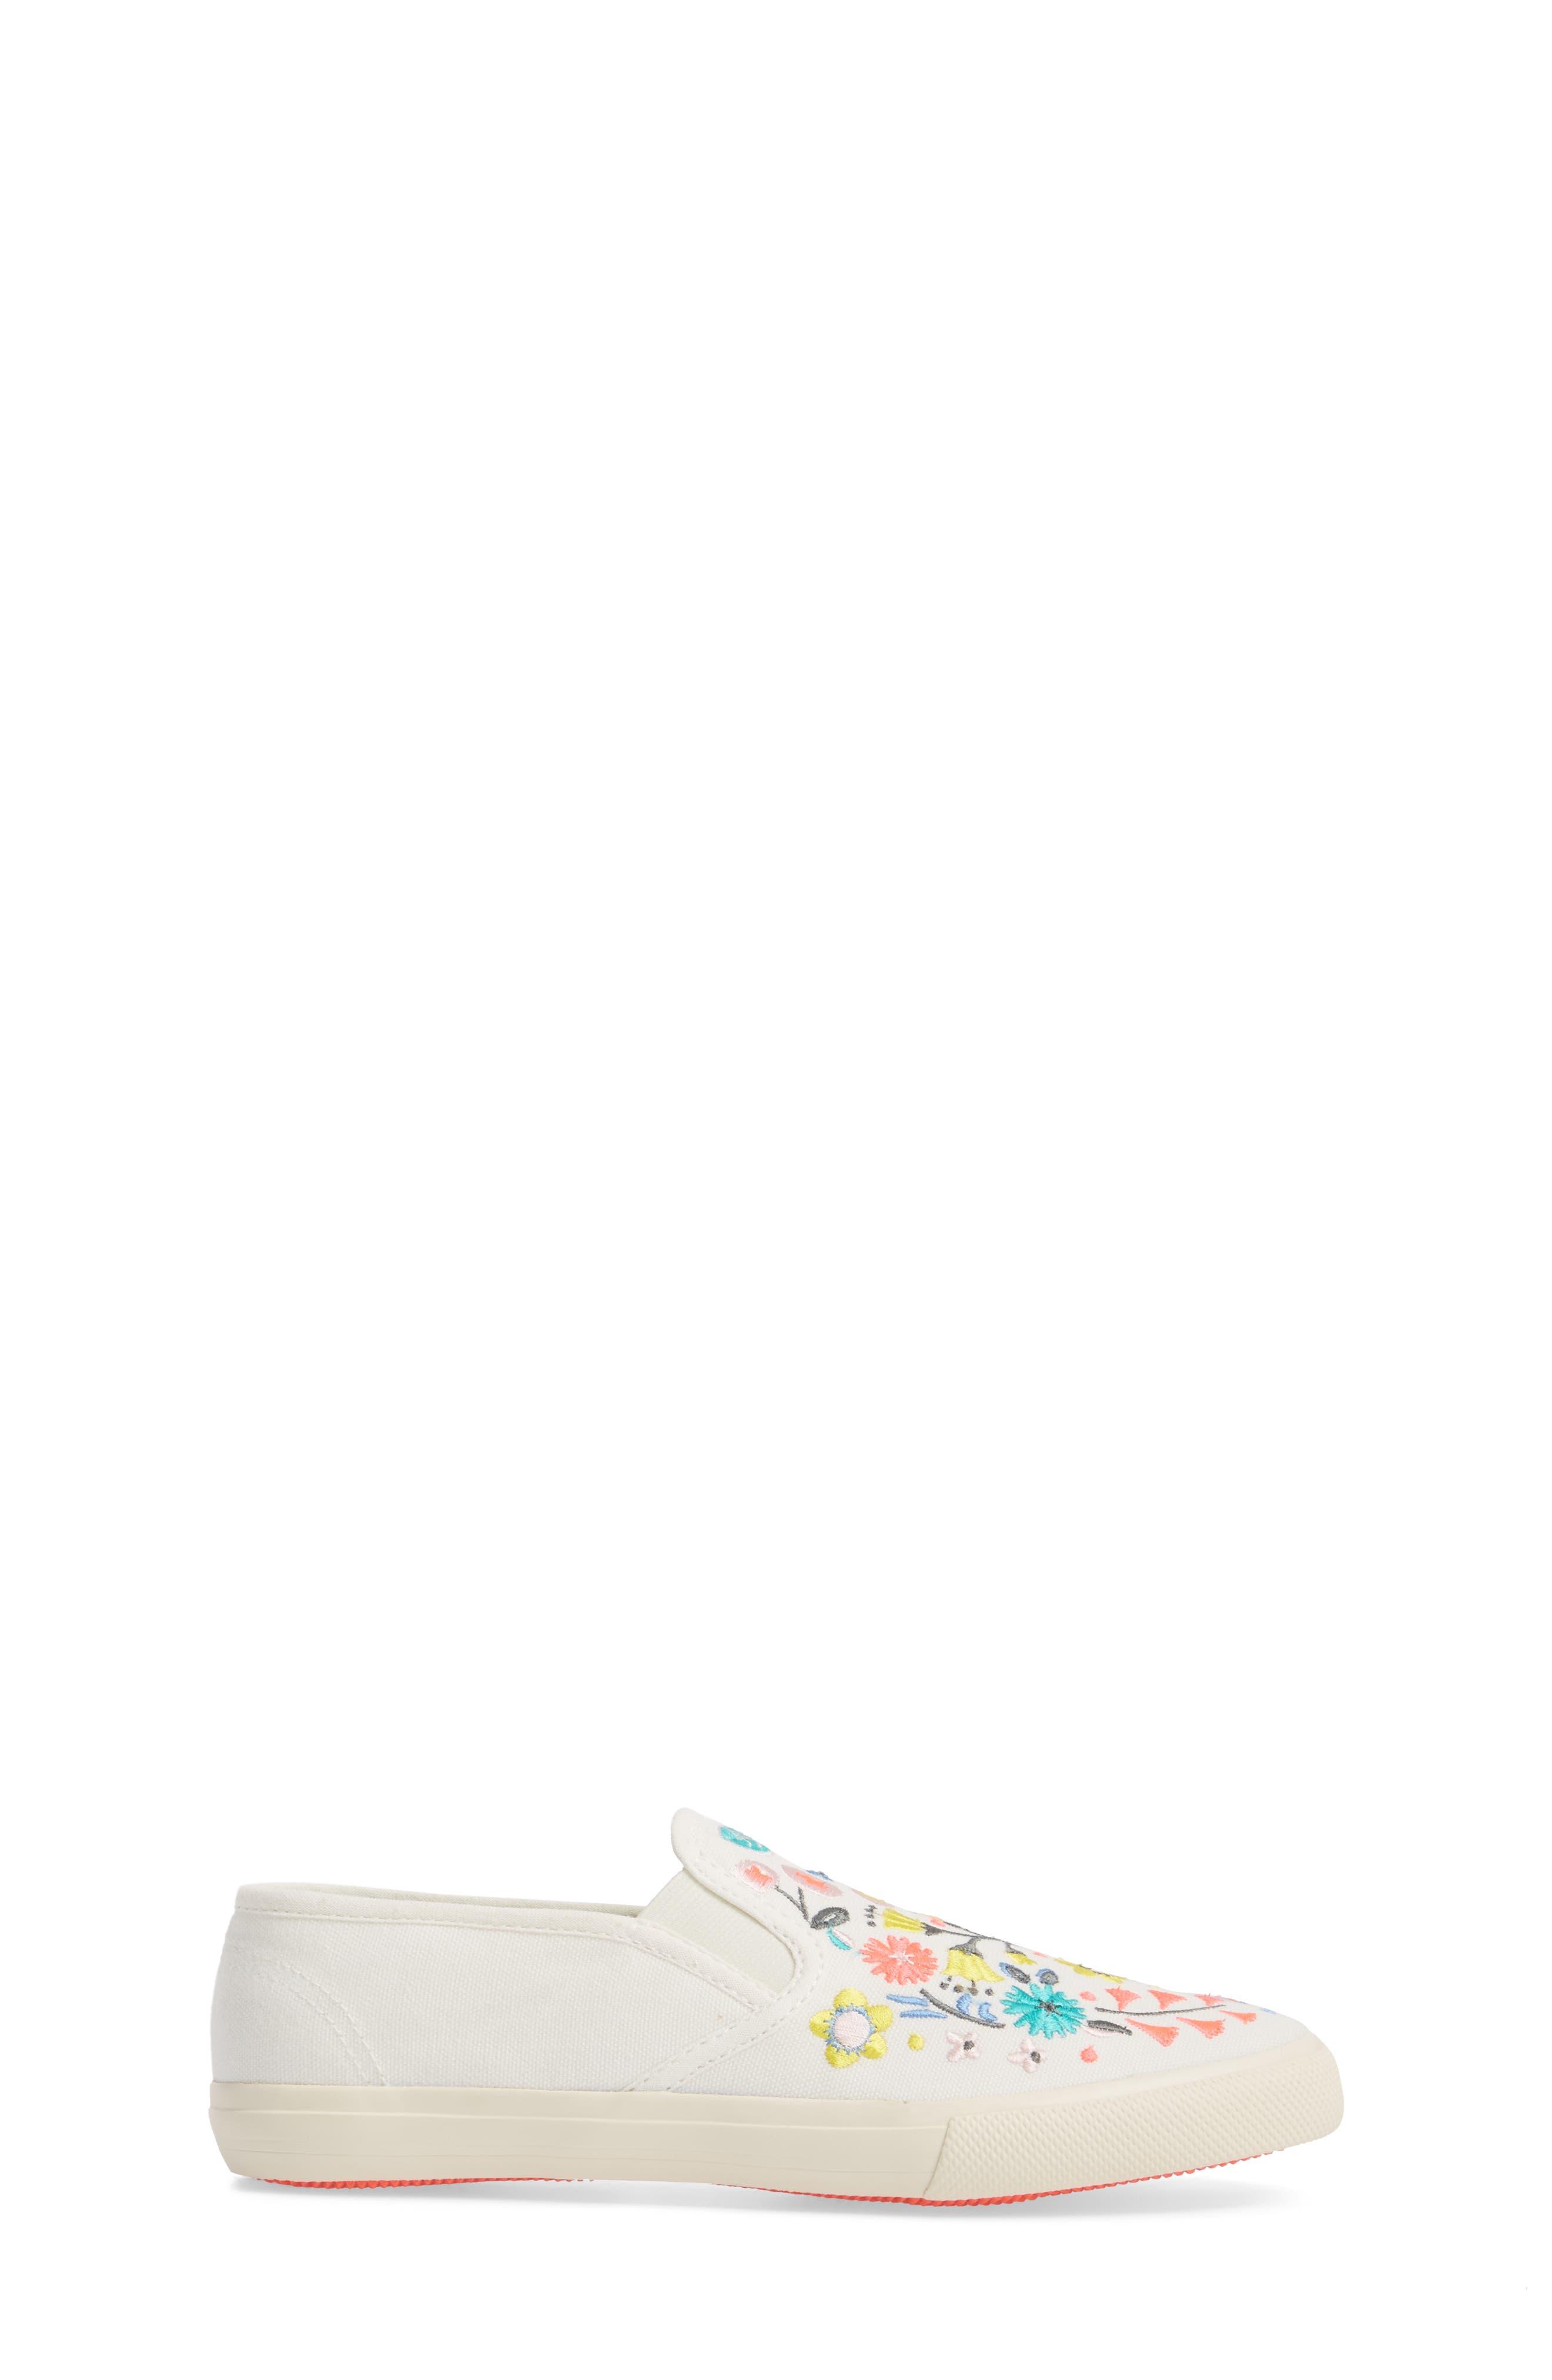 Boden Embroidered Slip-On Sneaker,                             Alternate thumbnail 3, color,                             114